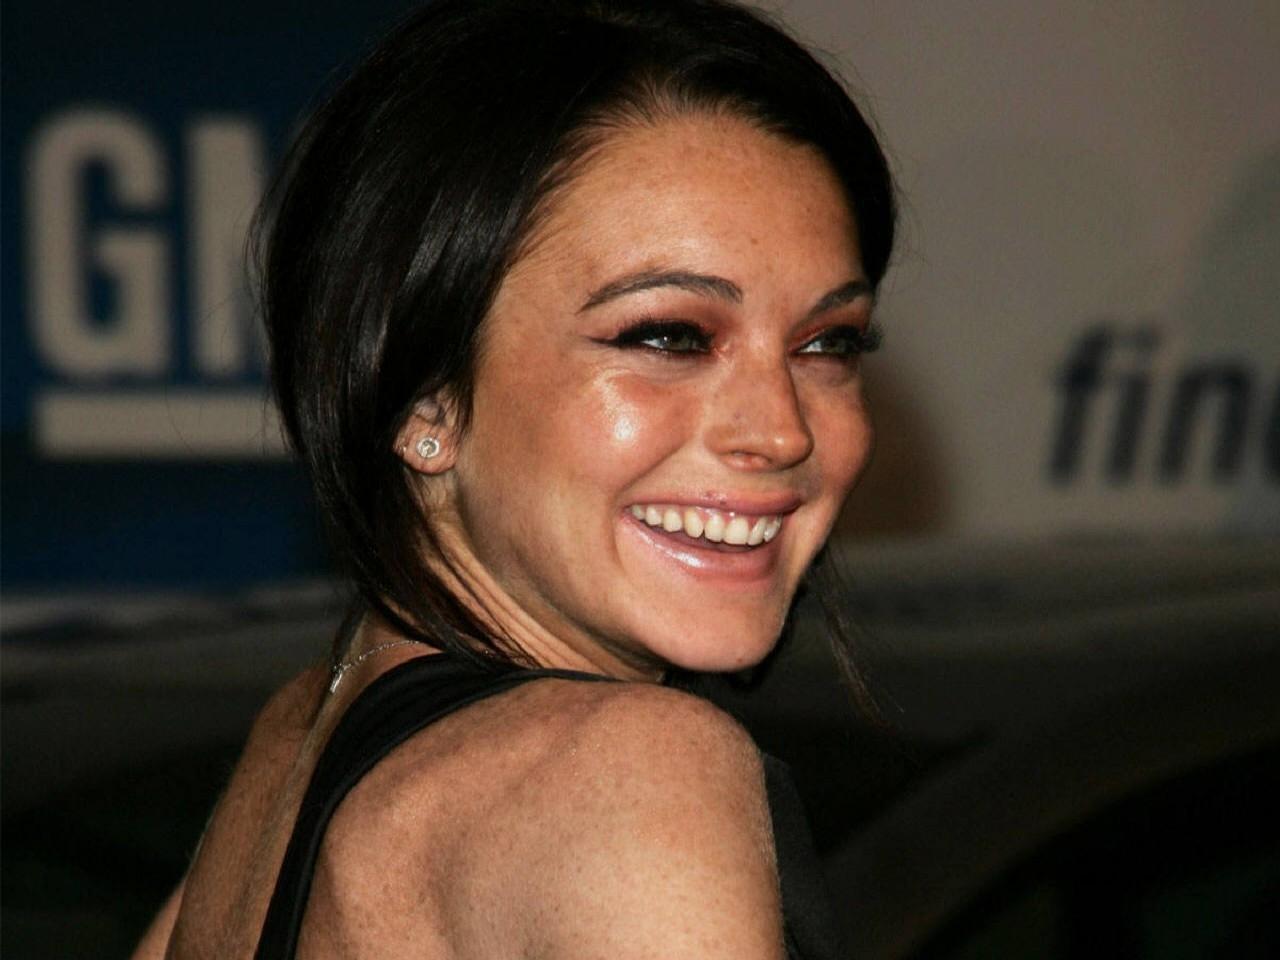 Wallpaper di una sorridente Lindsay Lohan